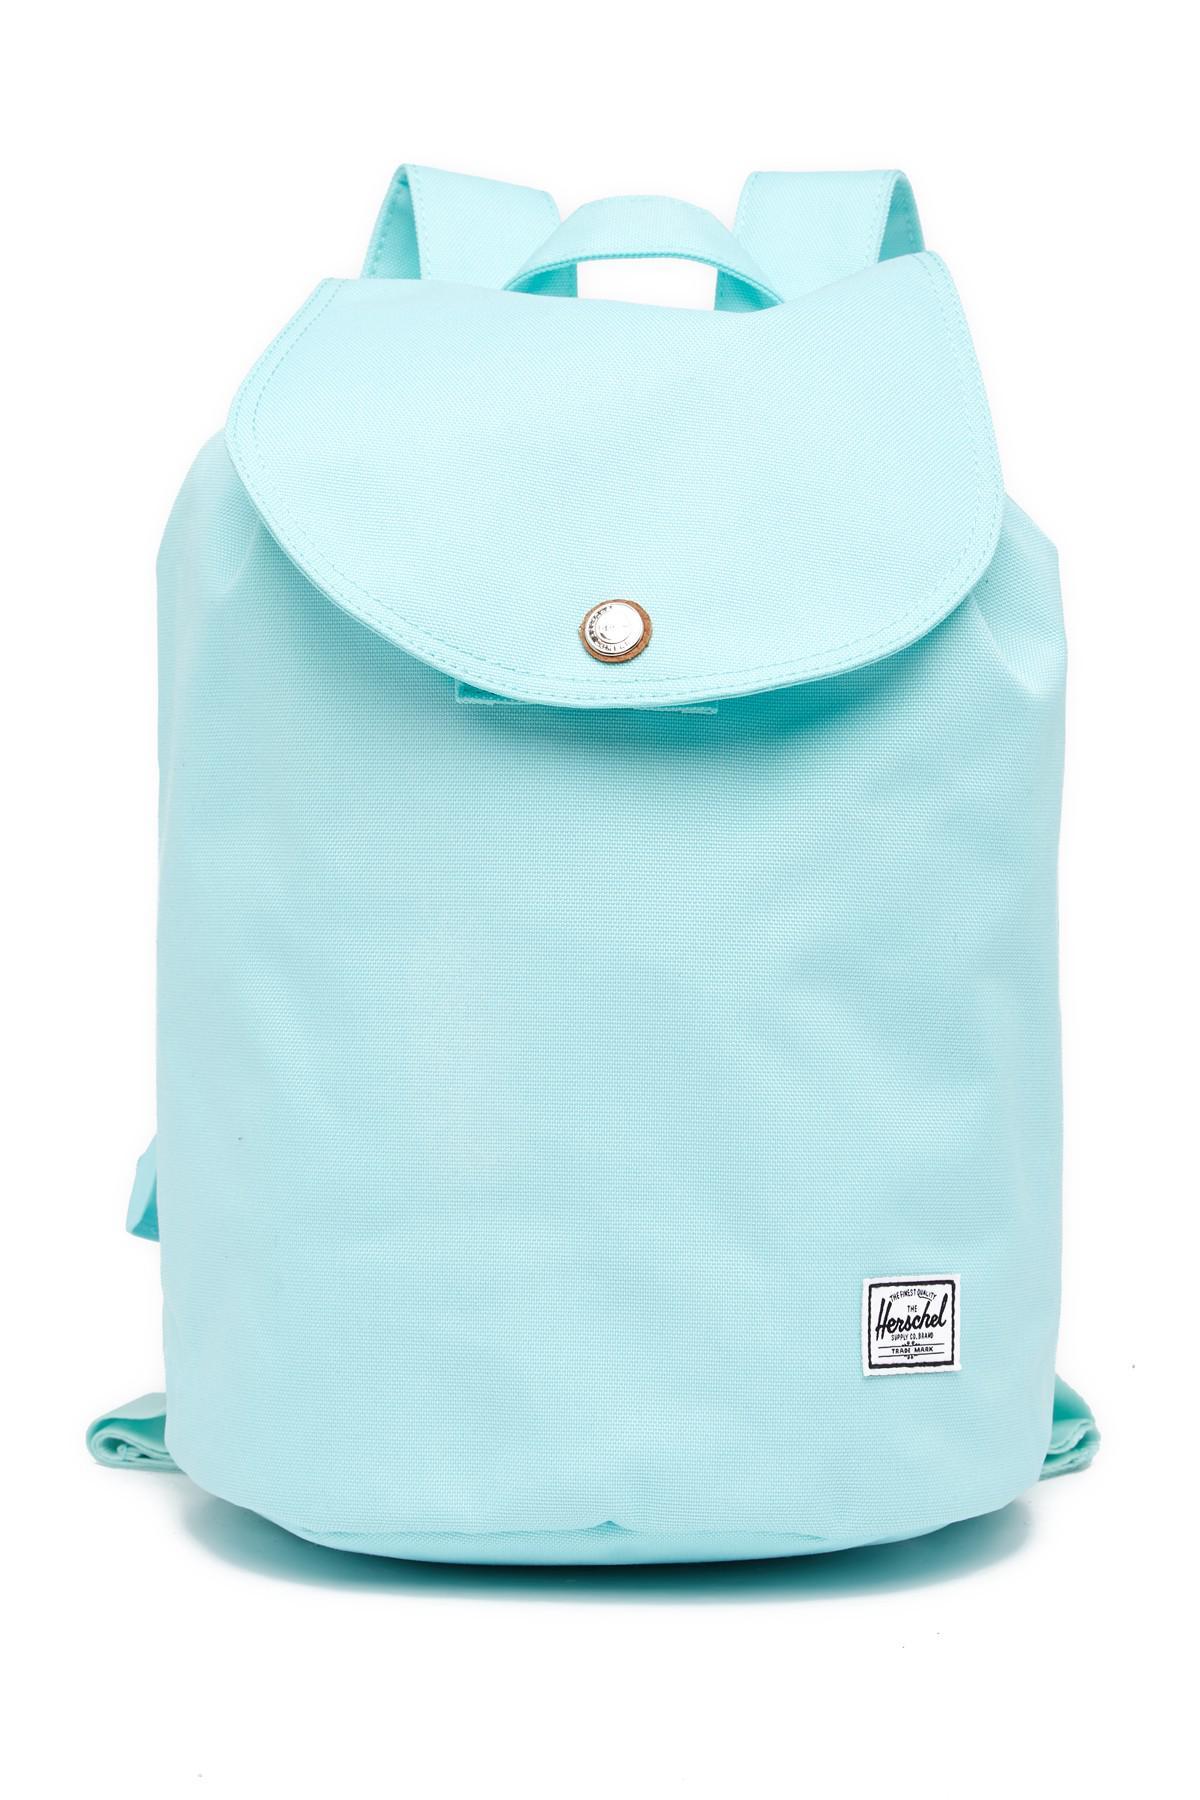 Lyst - Herschel Supply Co. Reid Xs Backpack in Blue e2a37257774fe